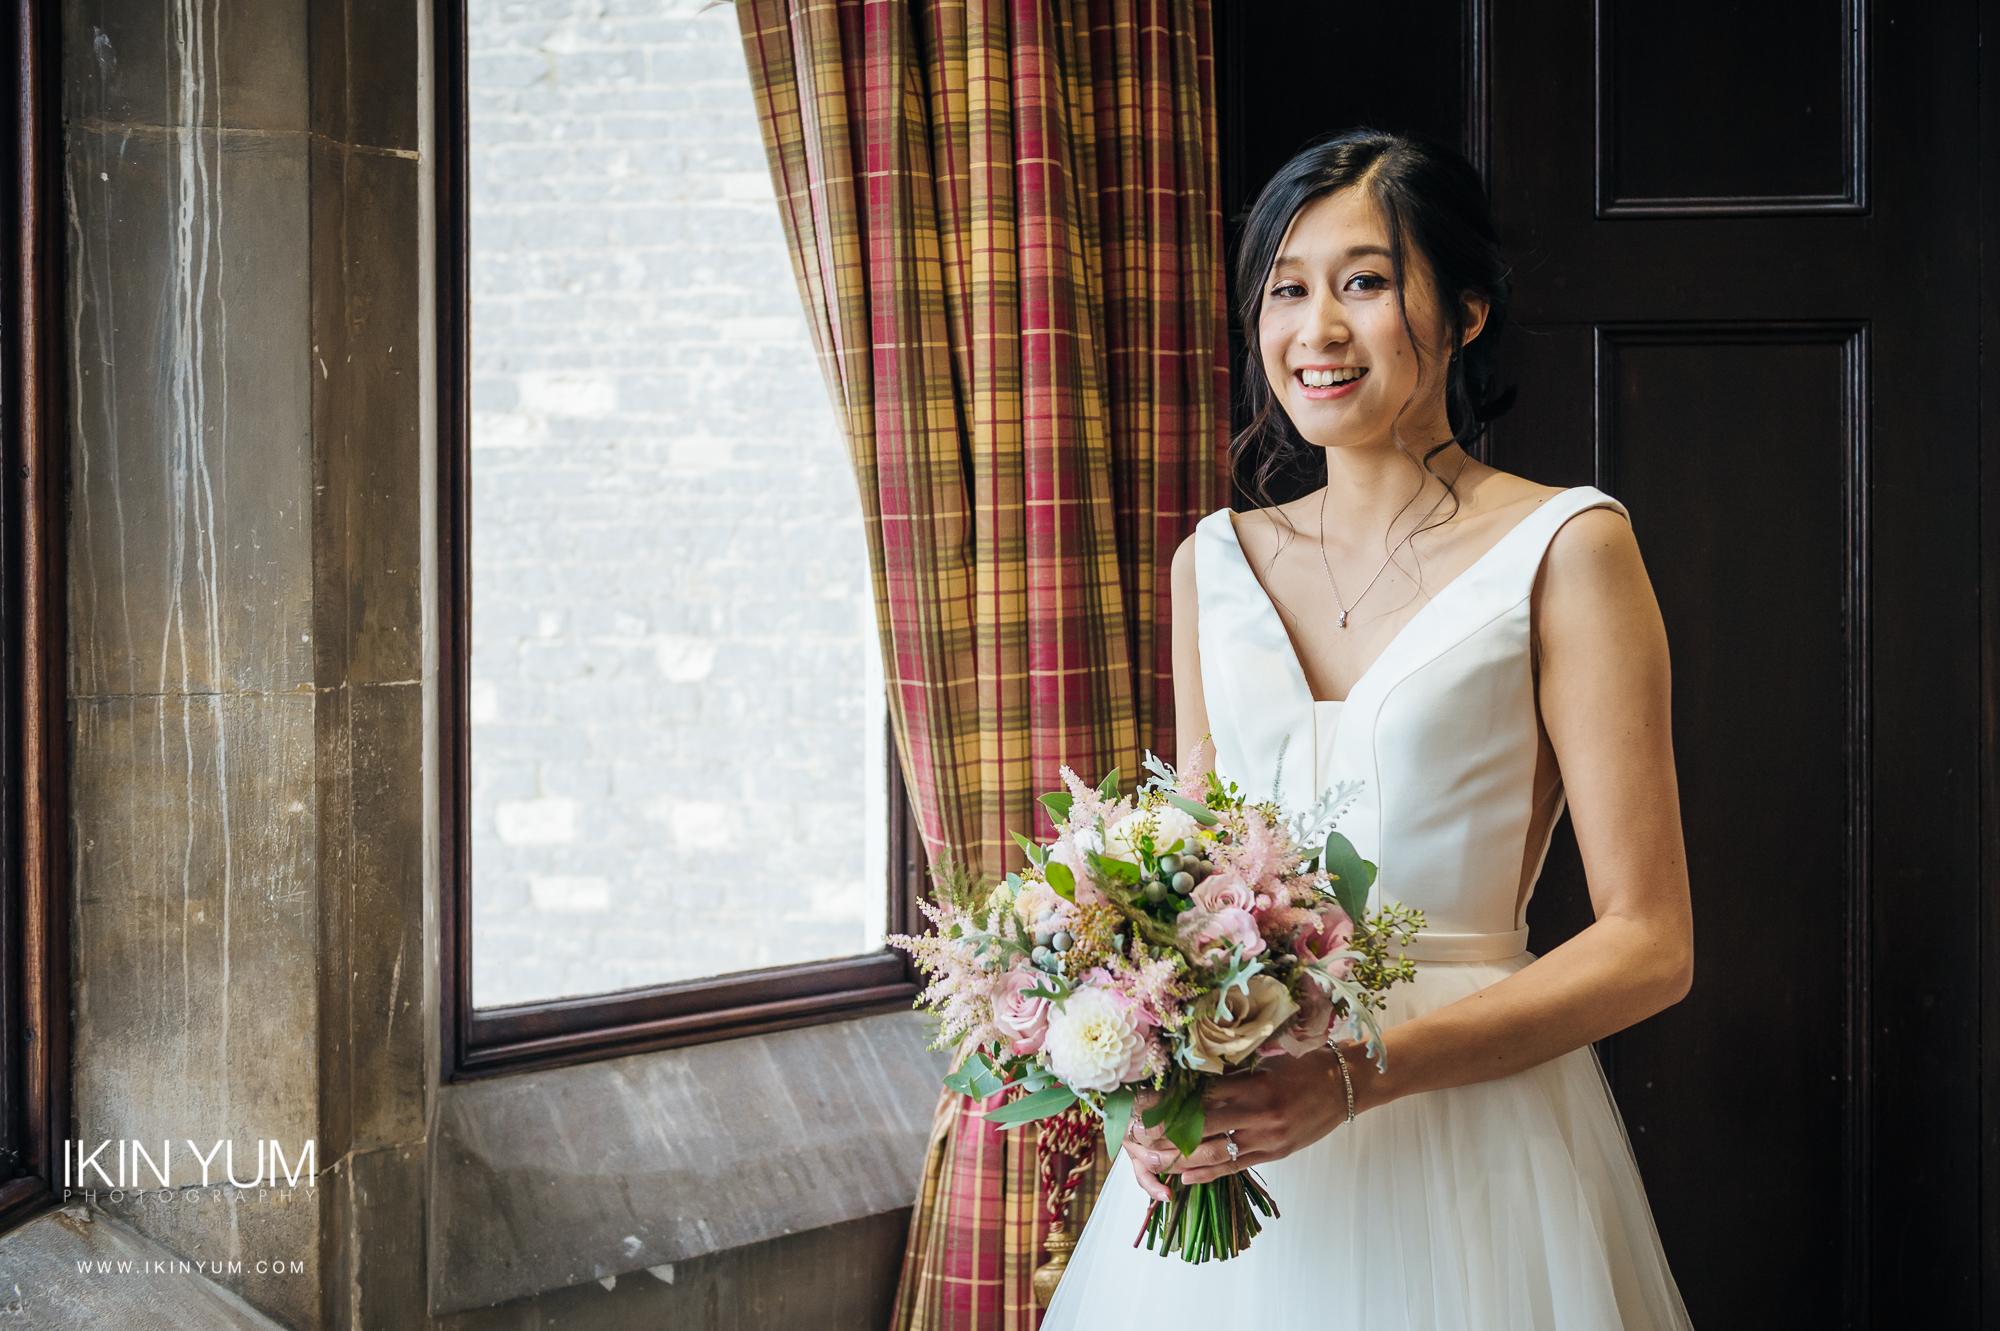 Nicola & Jonny Wedding Day - Ikin Yum Photography-044.jpg